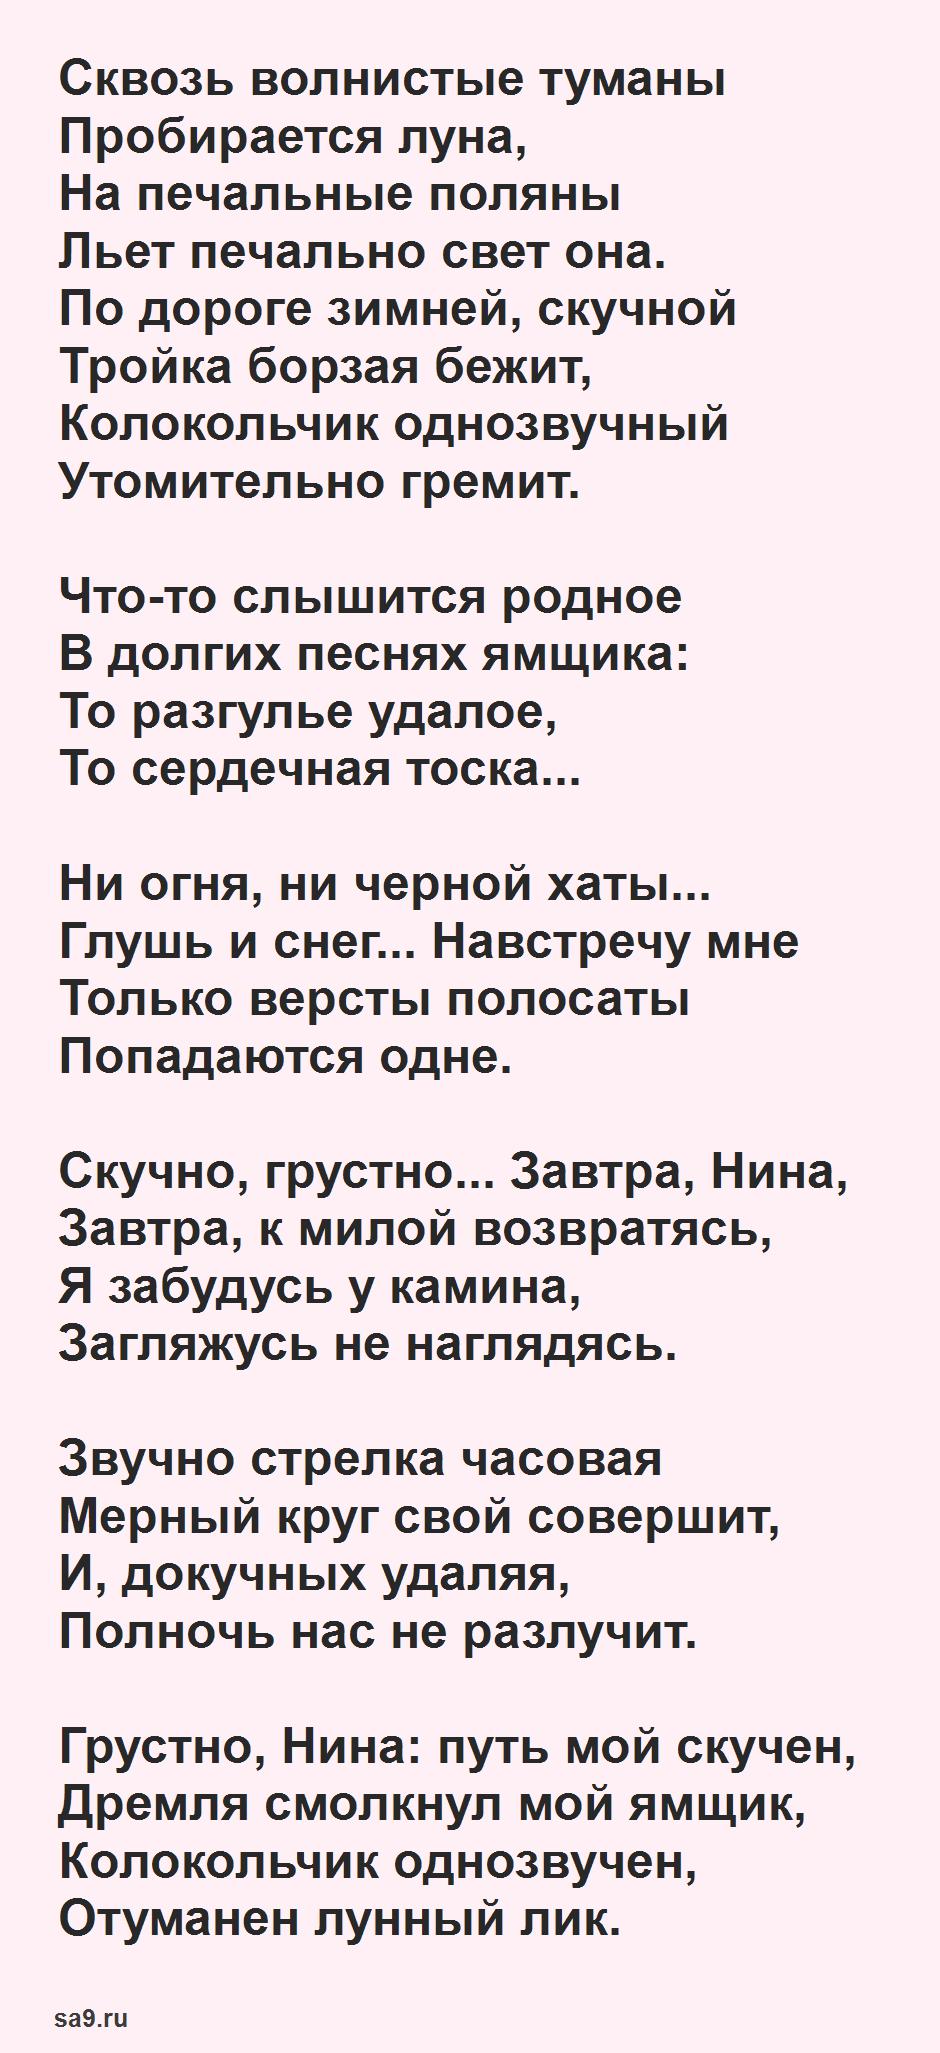 Красивые стихи Пушкина - Зимняя дорога